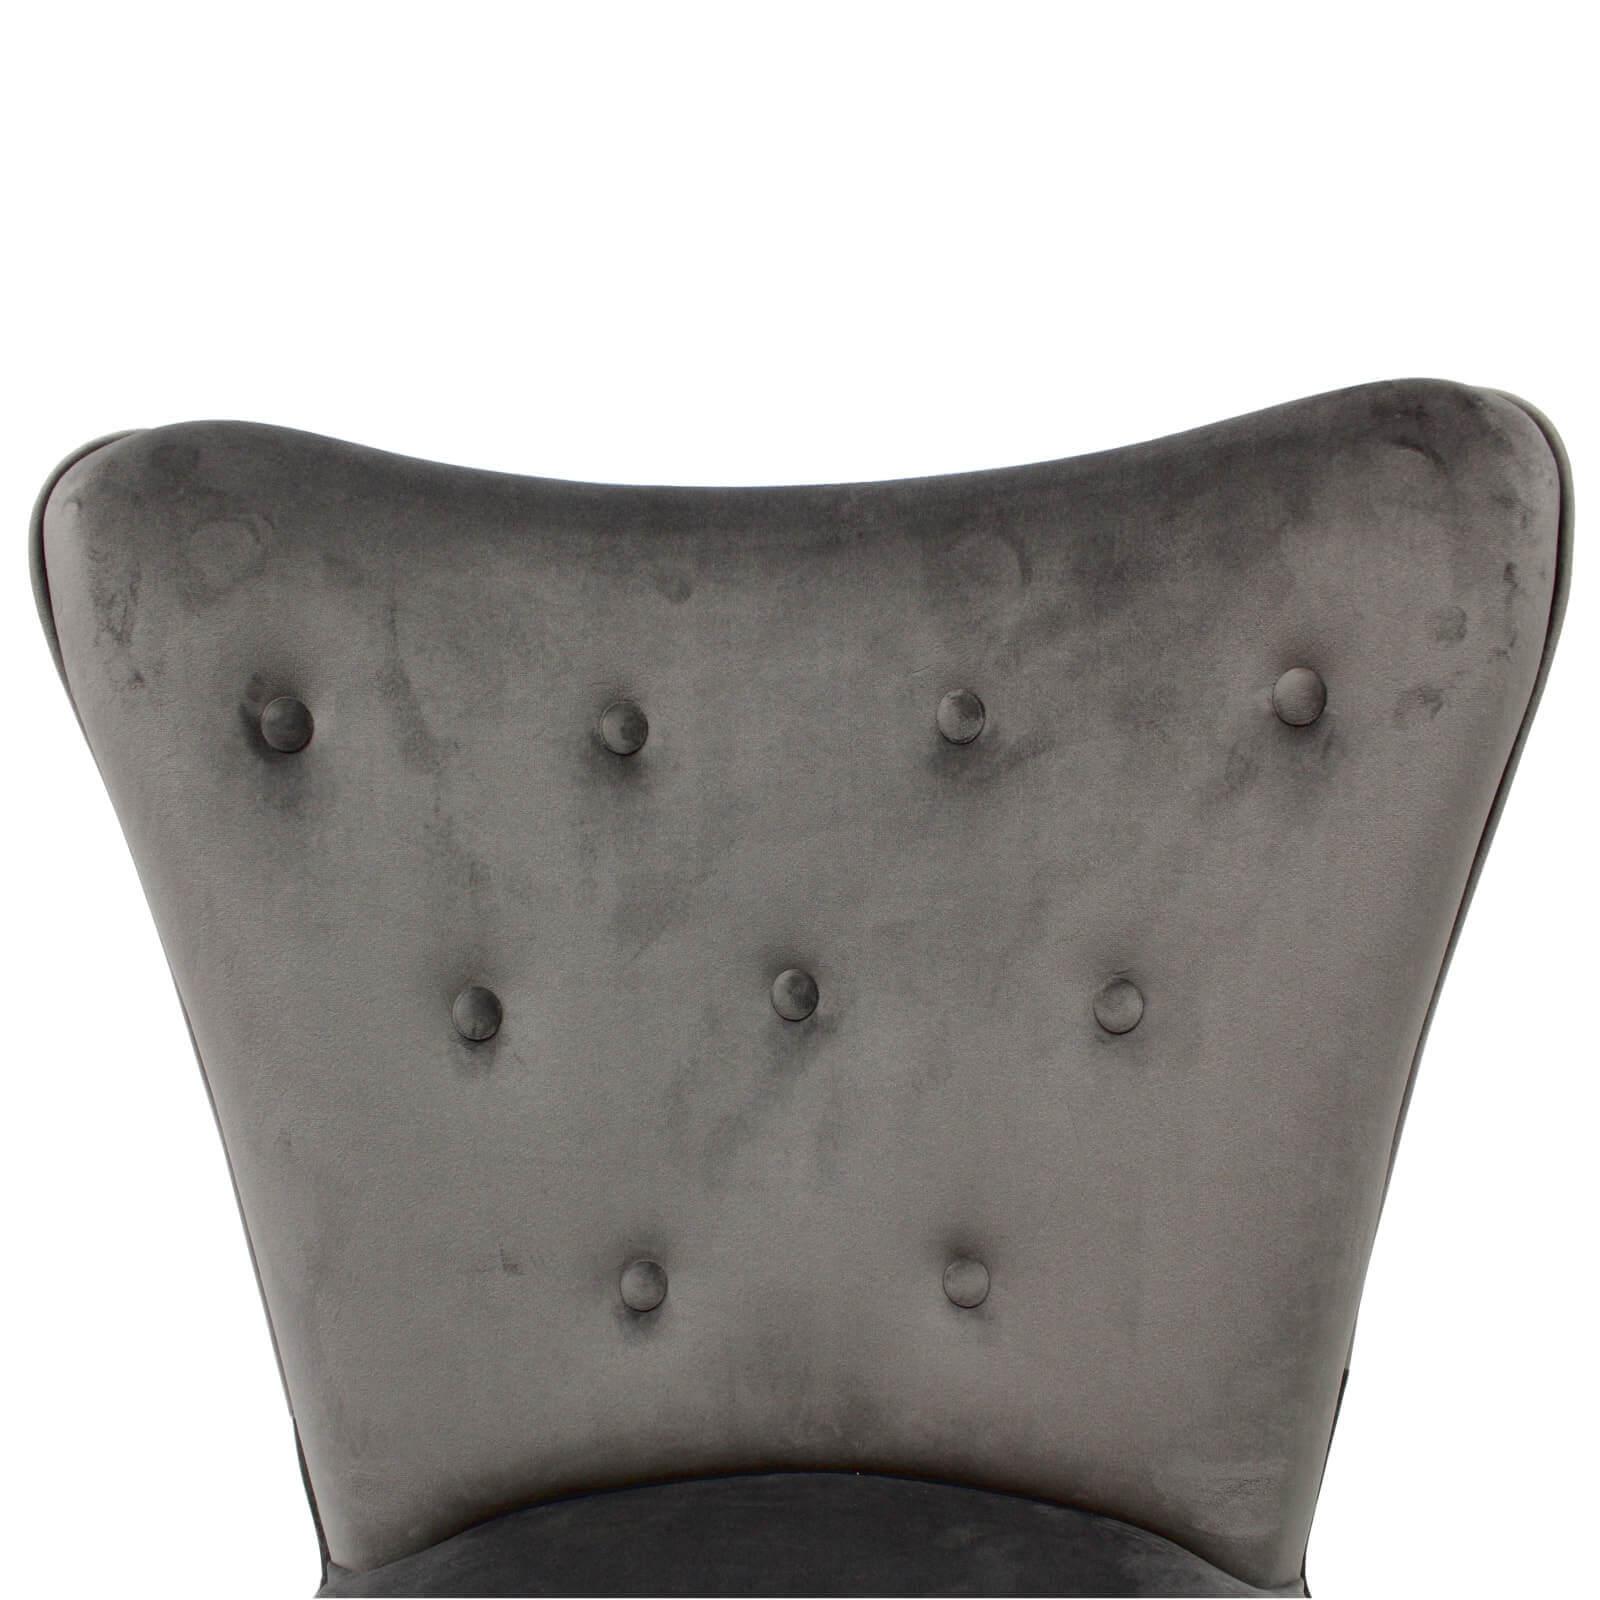 Poltroncina in Velluto grigio stile Vintage con gamba in legno ...